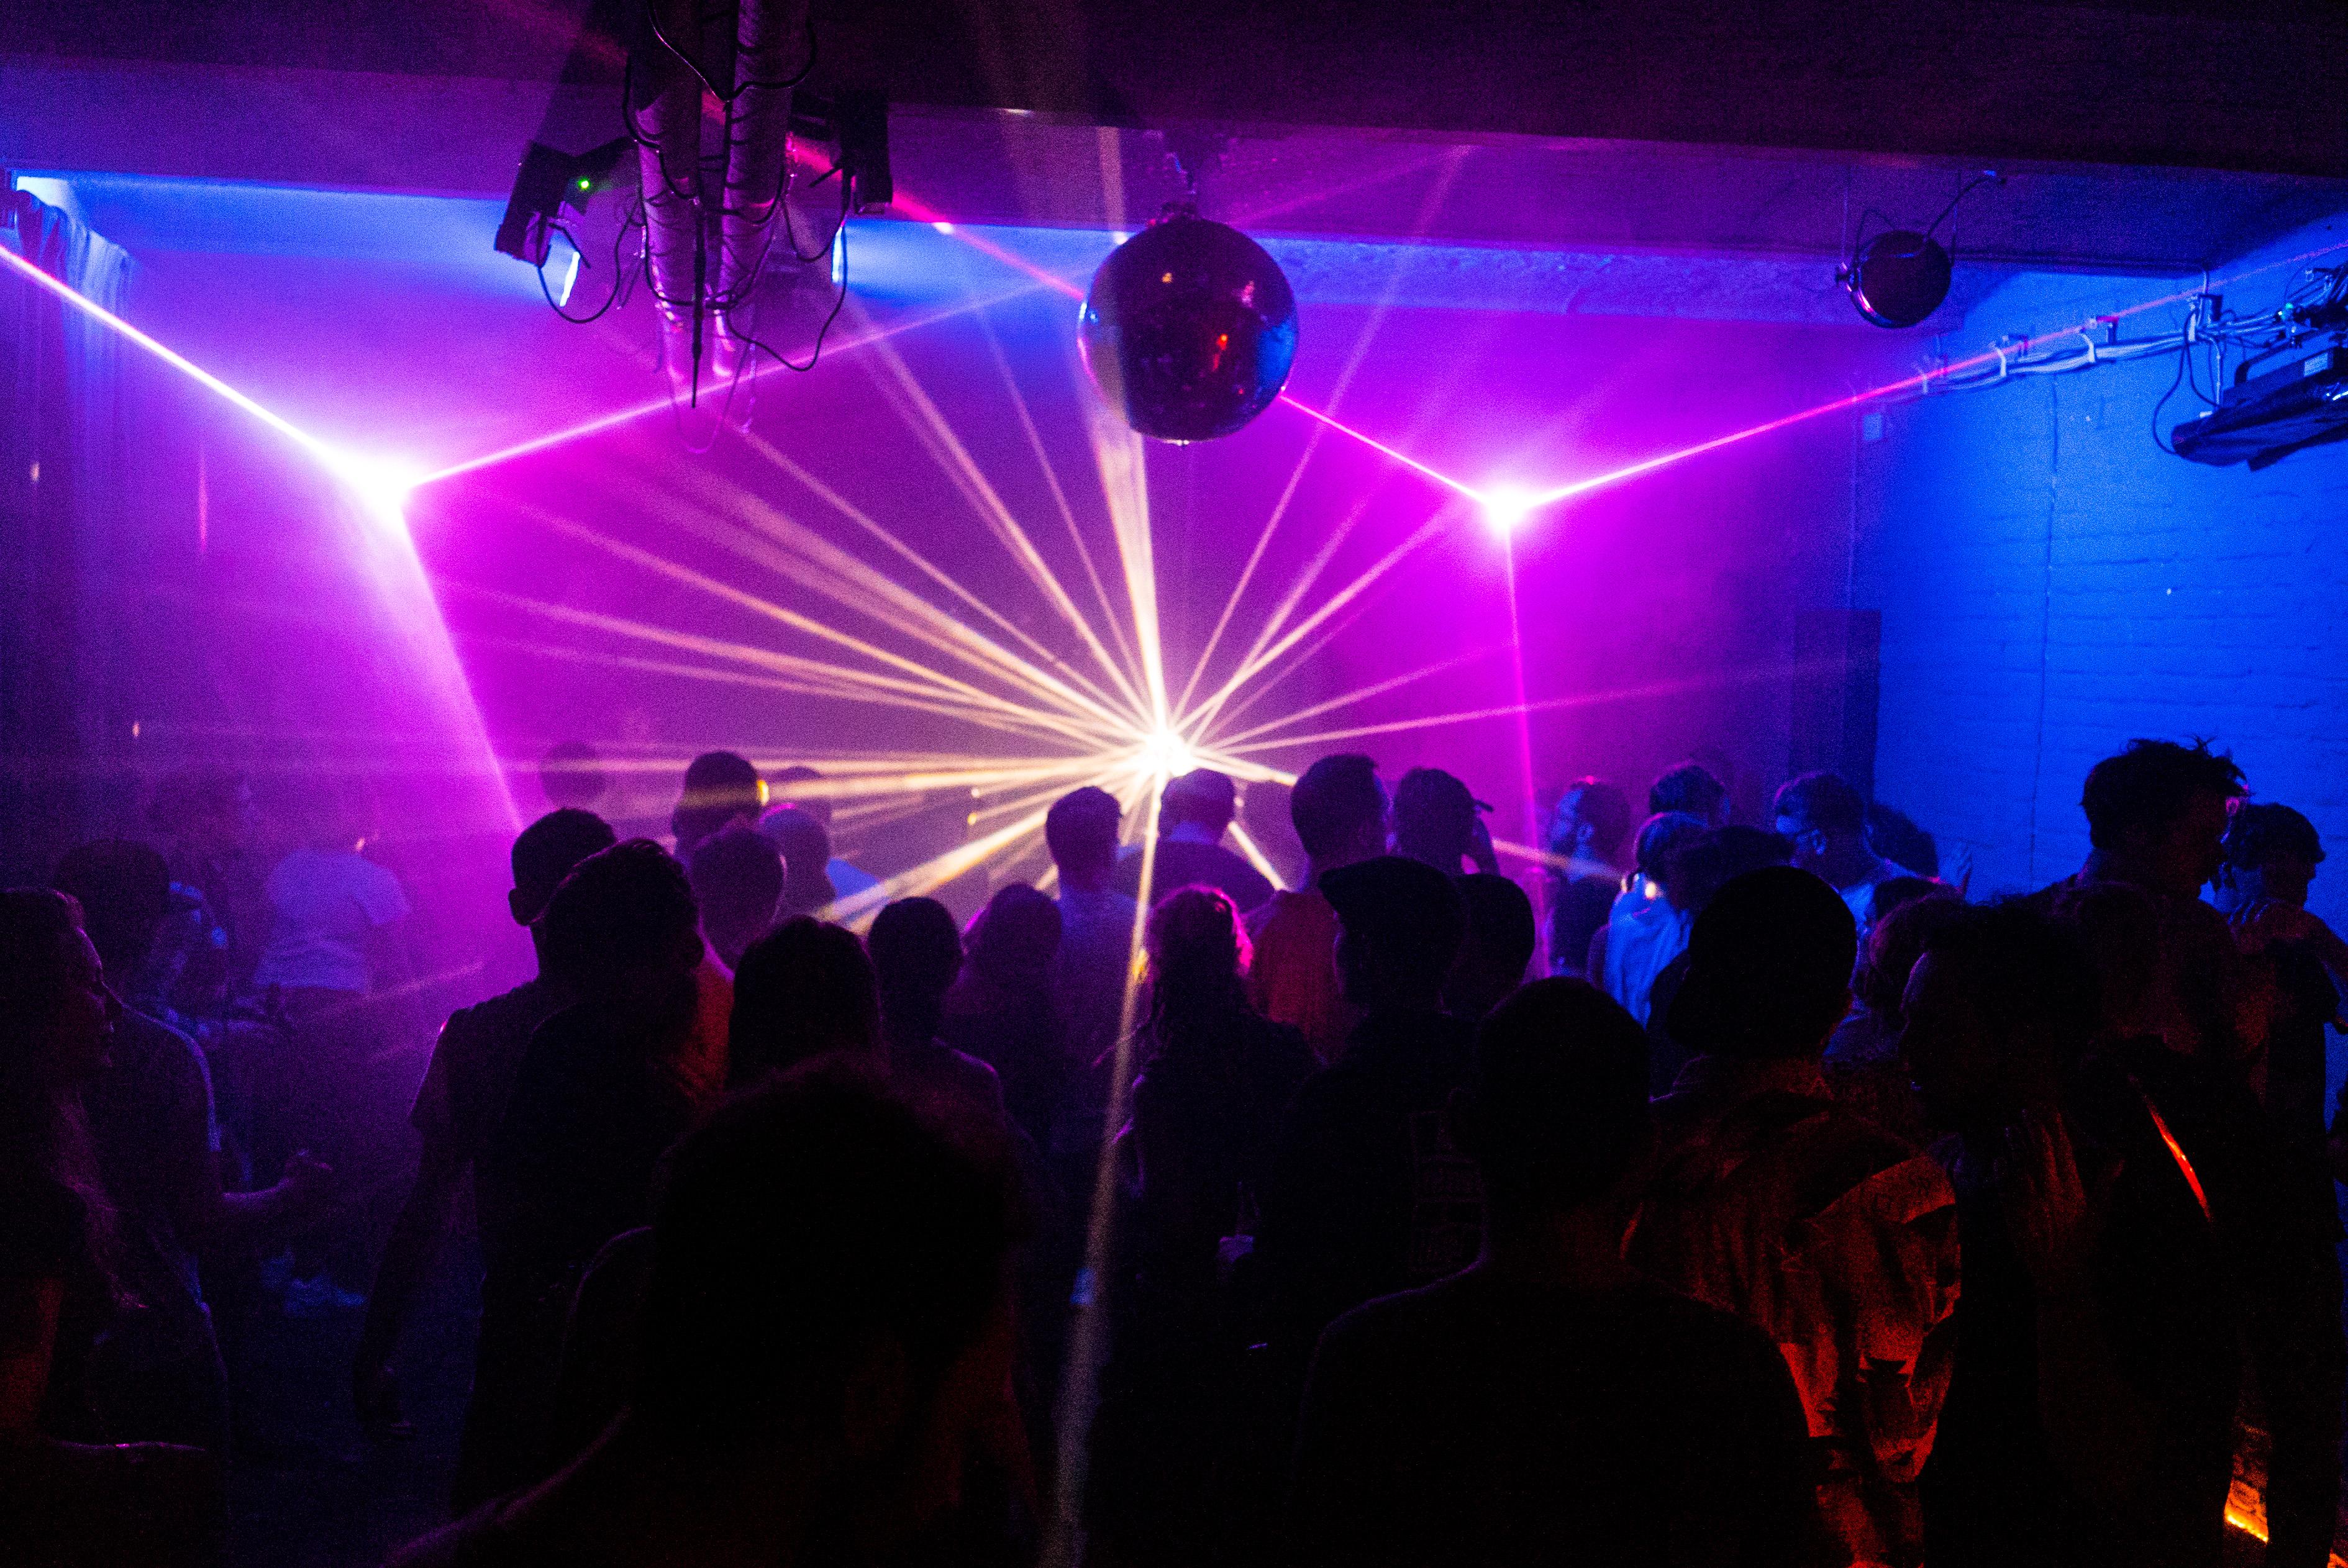 Licht im Club